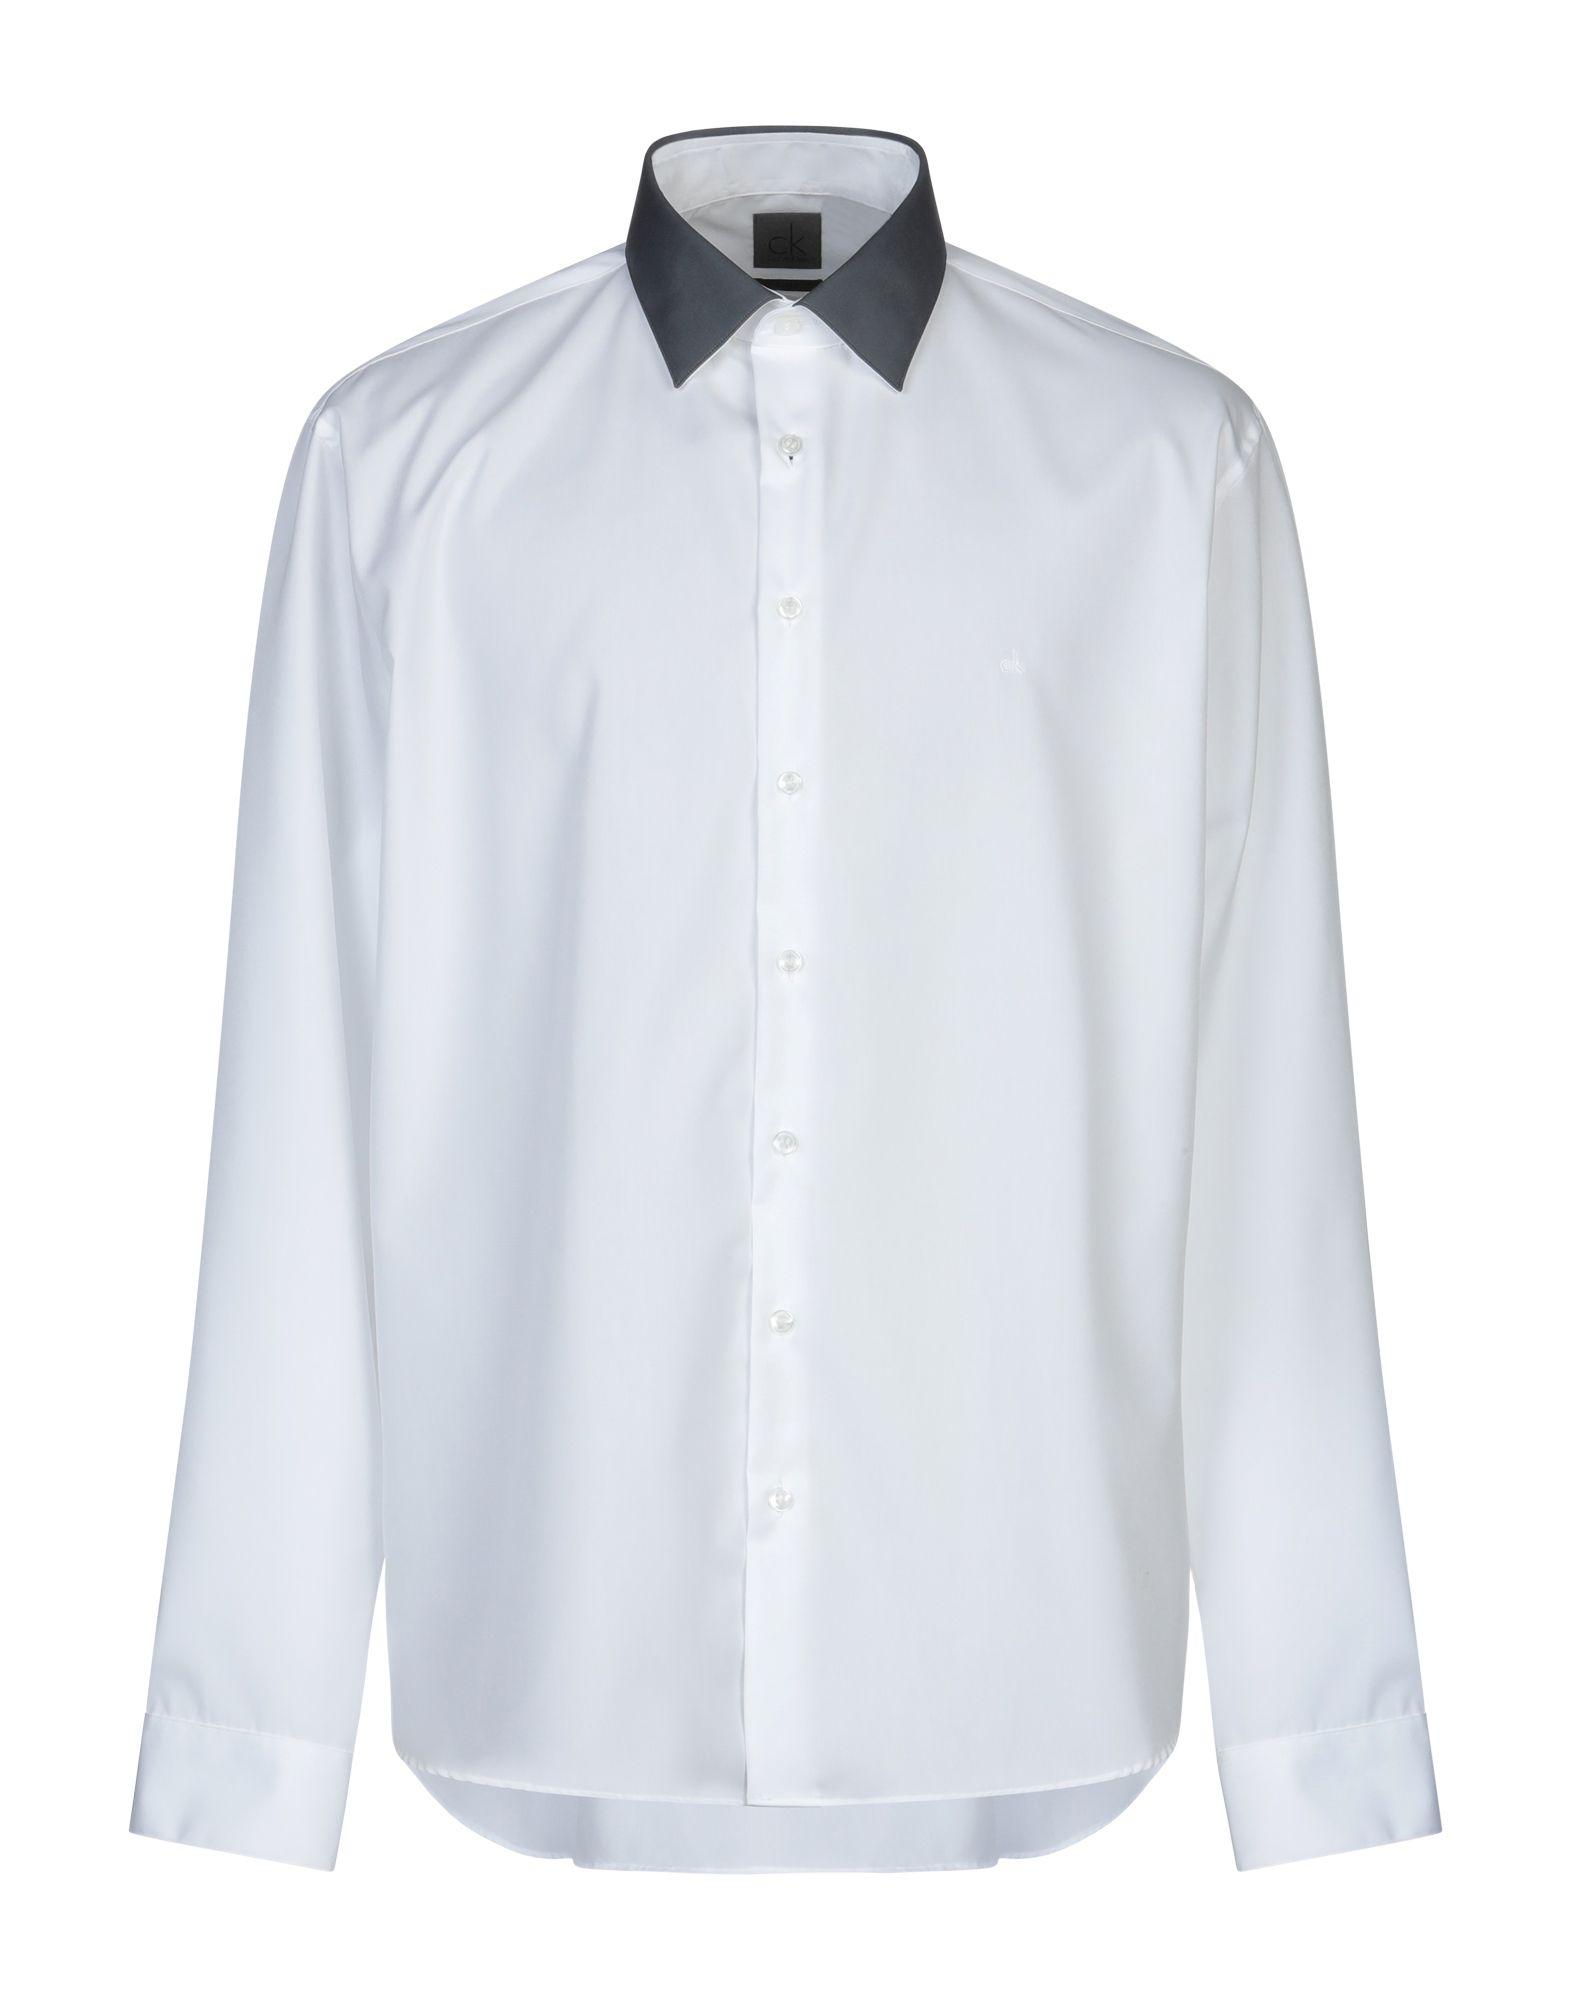 《送料無料》CK CALVIN KLEIN メンズ シャツ ホワイト 37 コットン 100%